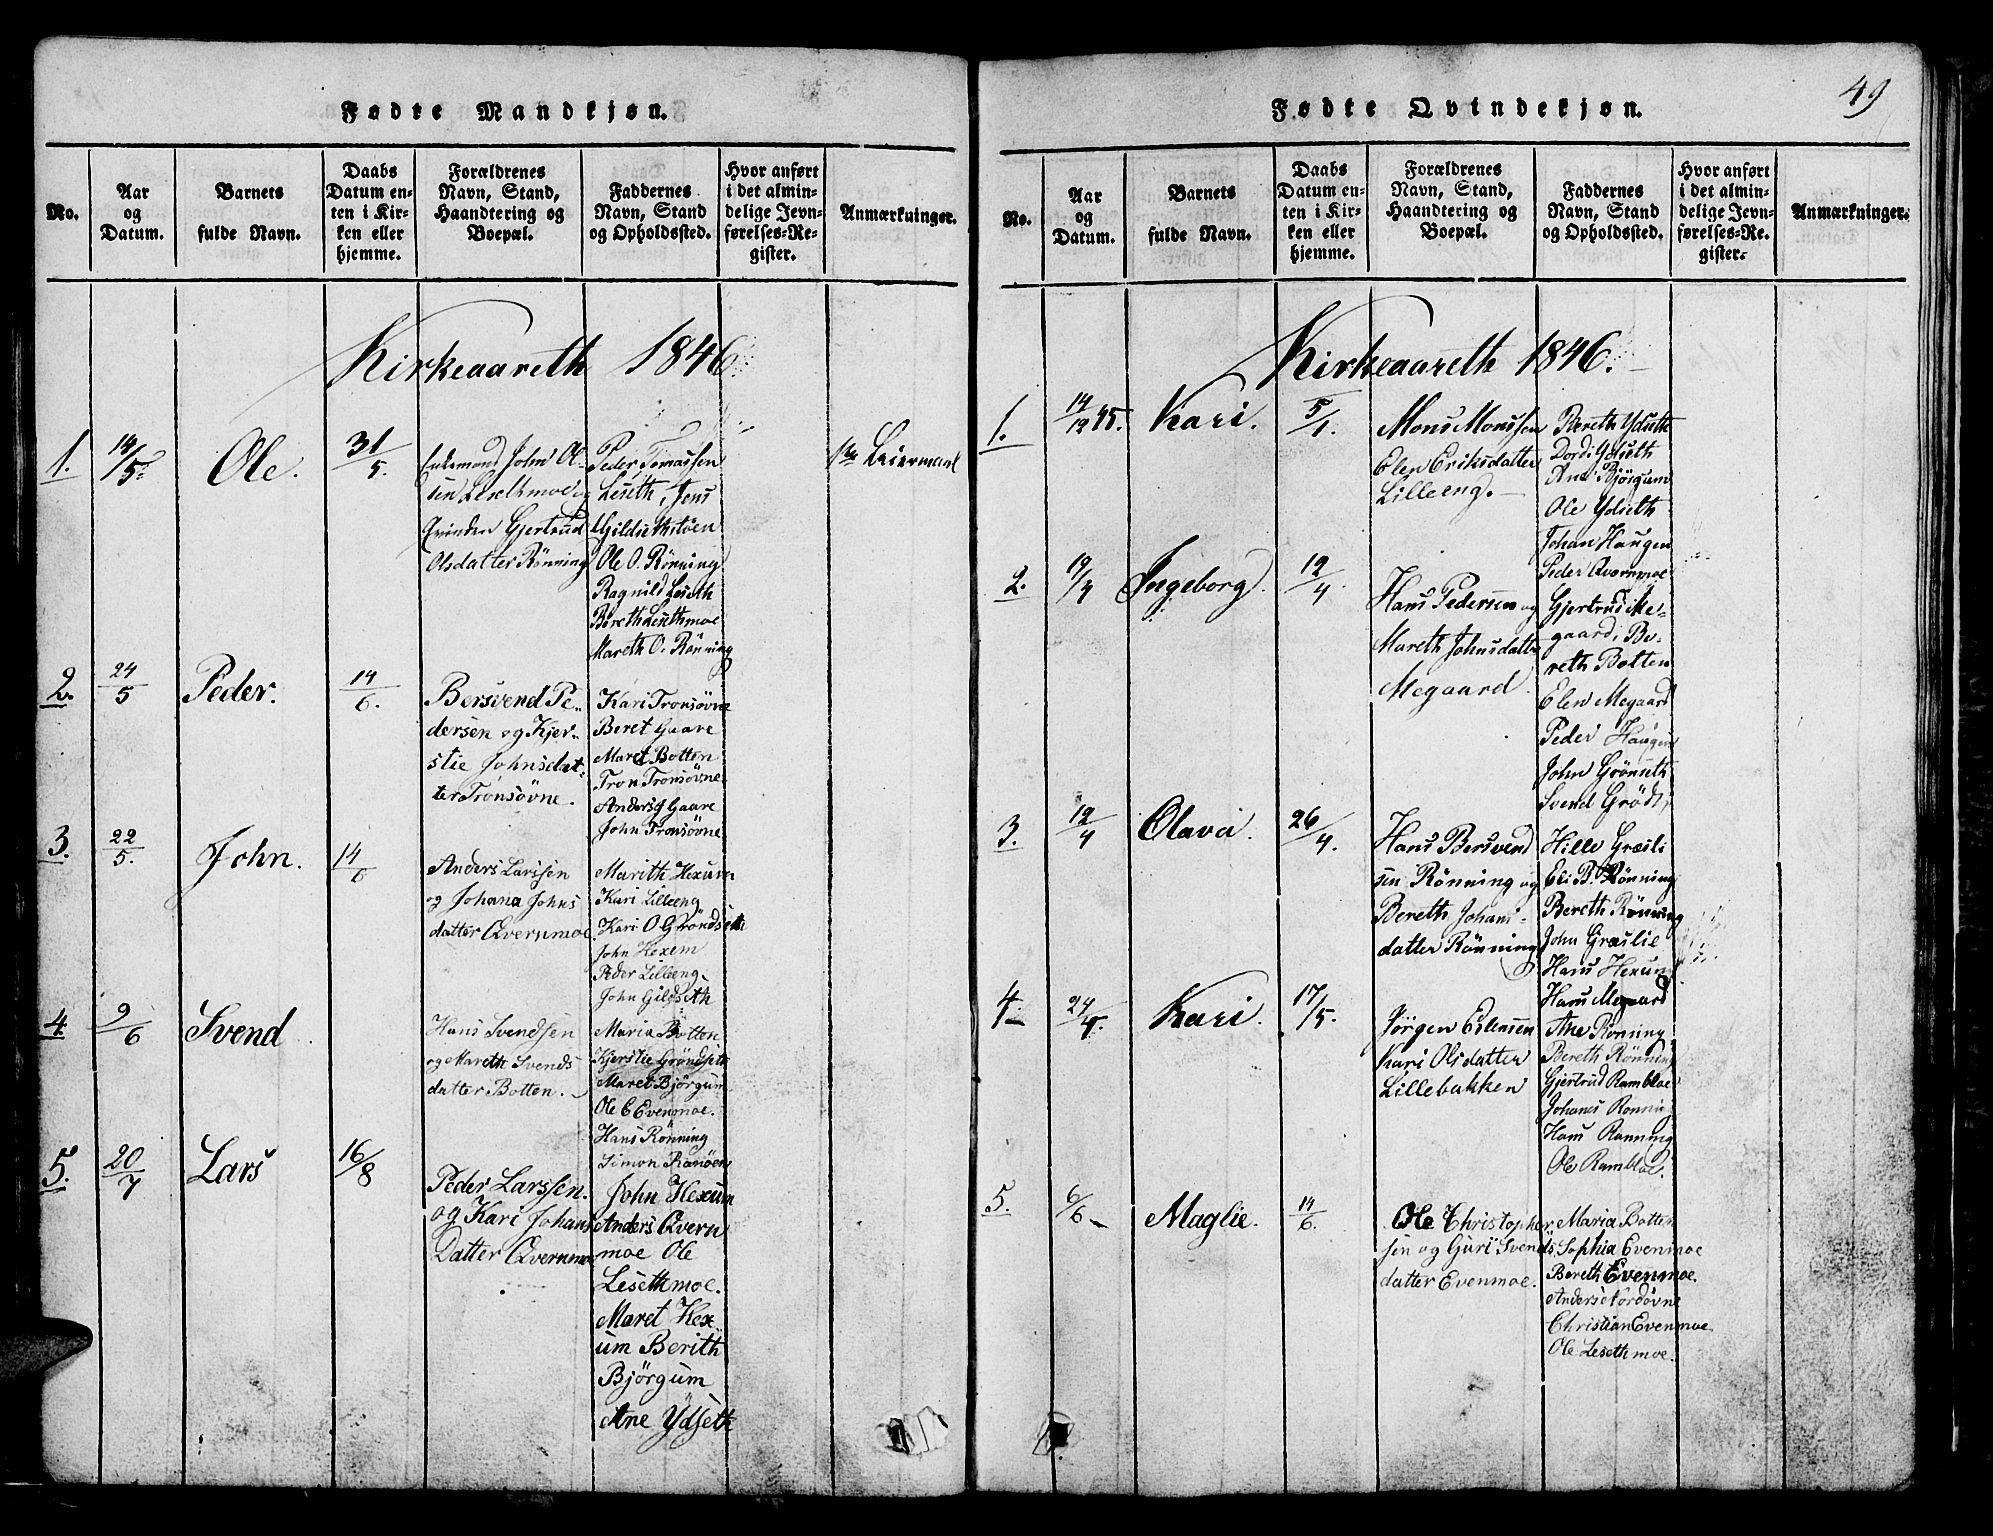 SAT, Ministerialprotokoller, klokkerbøker og fødselsregistre - Sør-Trøndelag, 685/L0976: Klokkerbok nr. 685C01, 1817-1878, s. 49